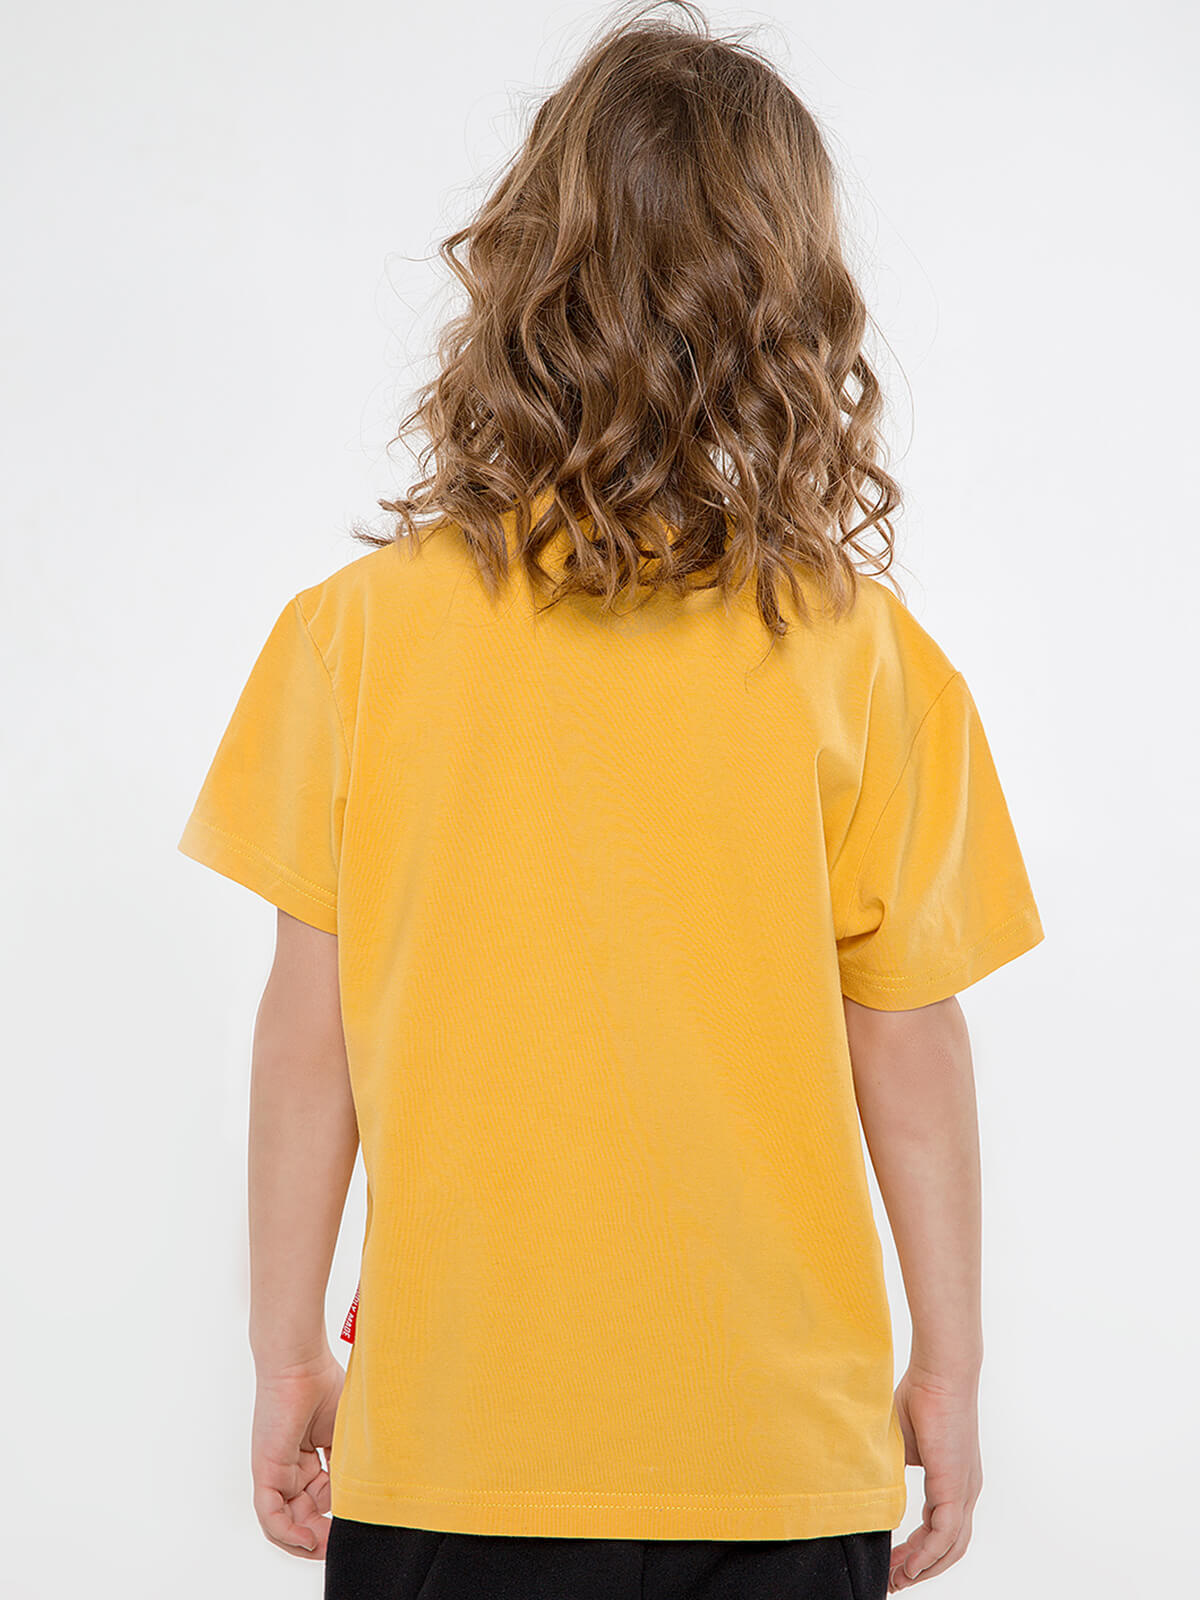 Дитяча Футболка Мрія. Колір жовтий.  Матеріал: 95% бавовна, 5% спандекс.